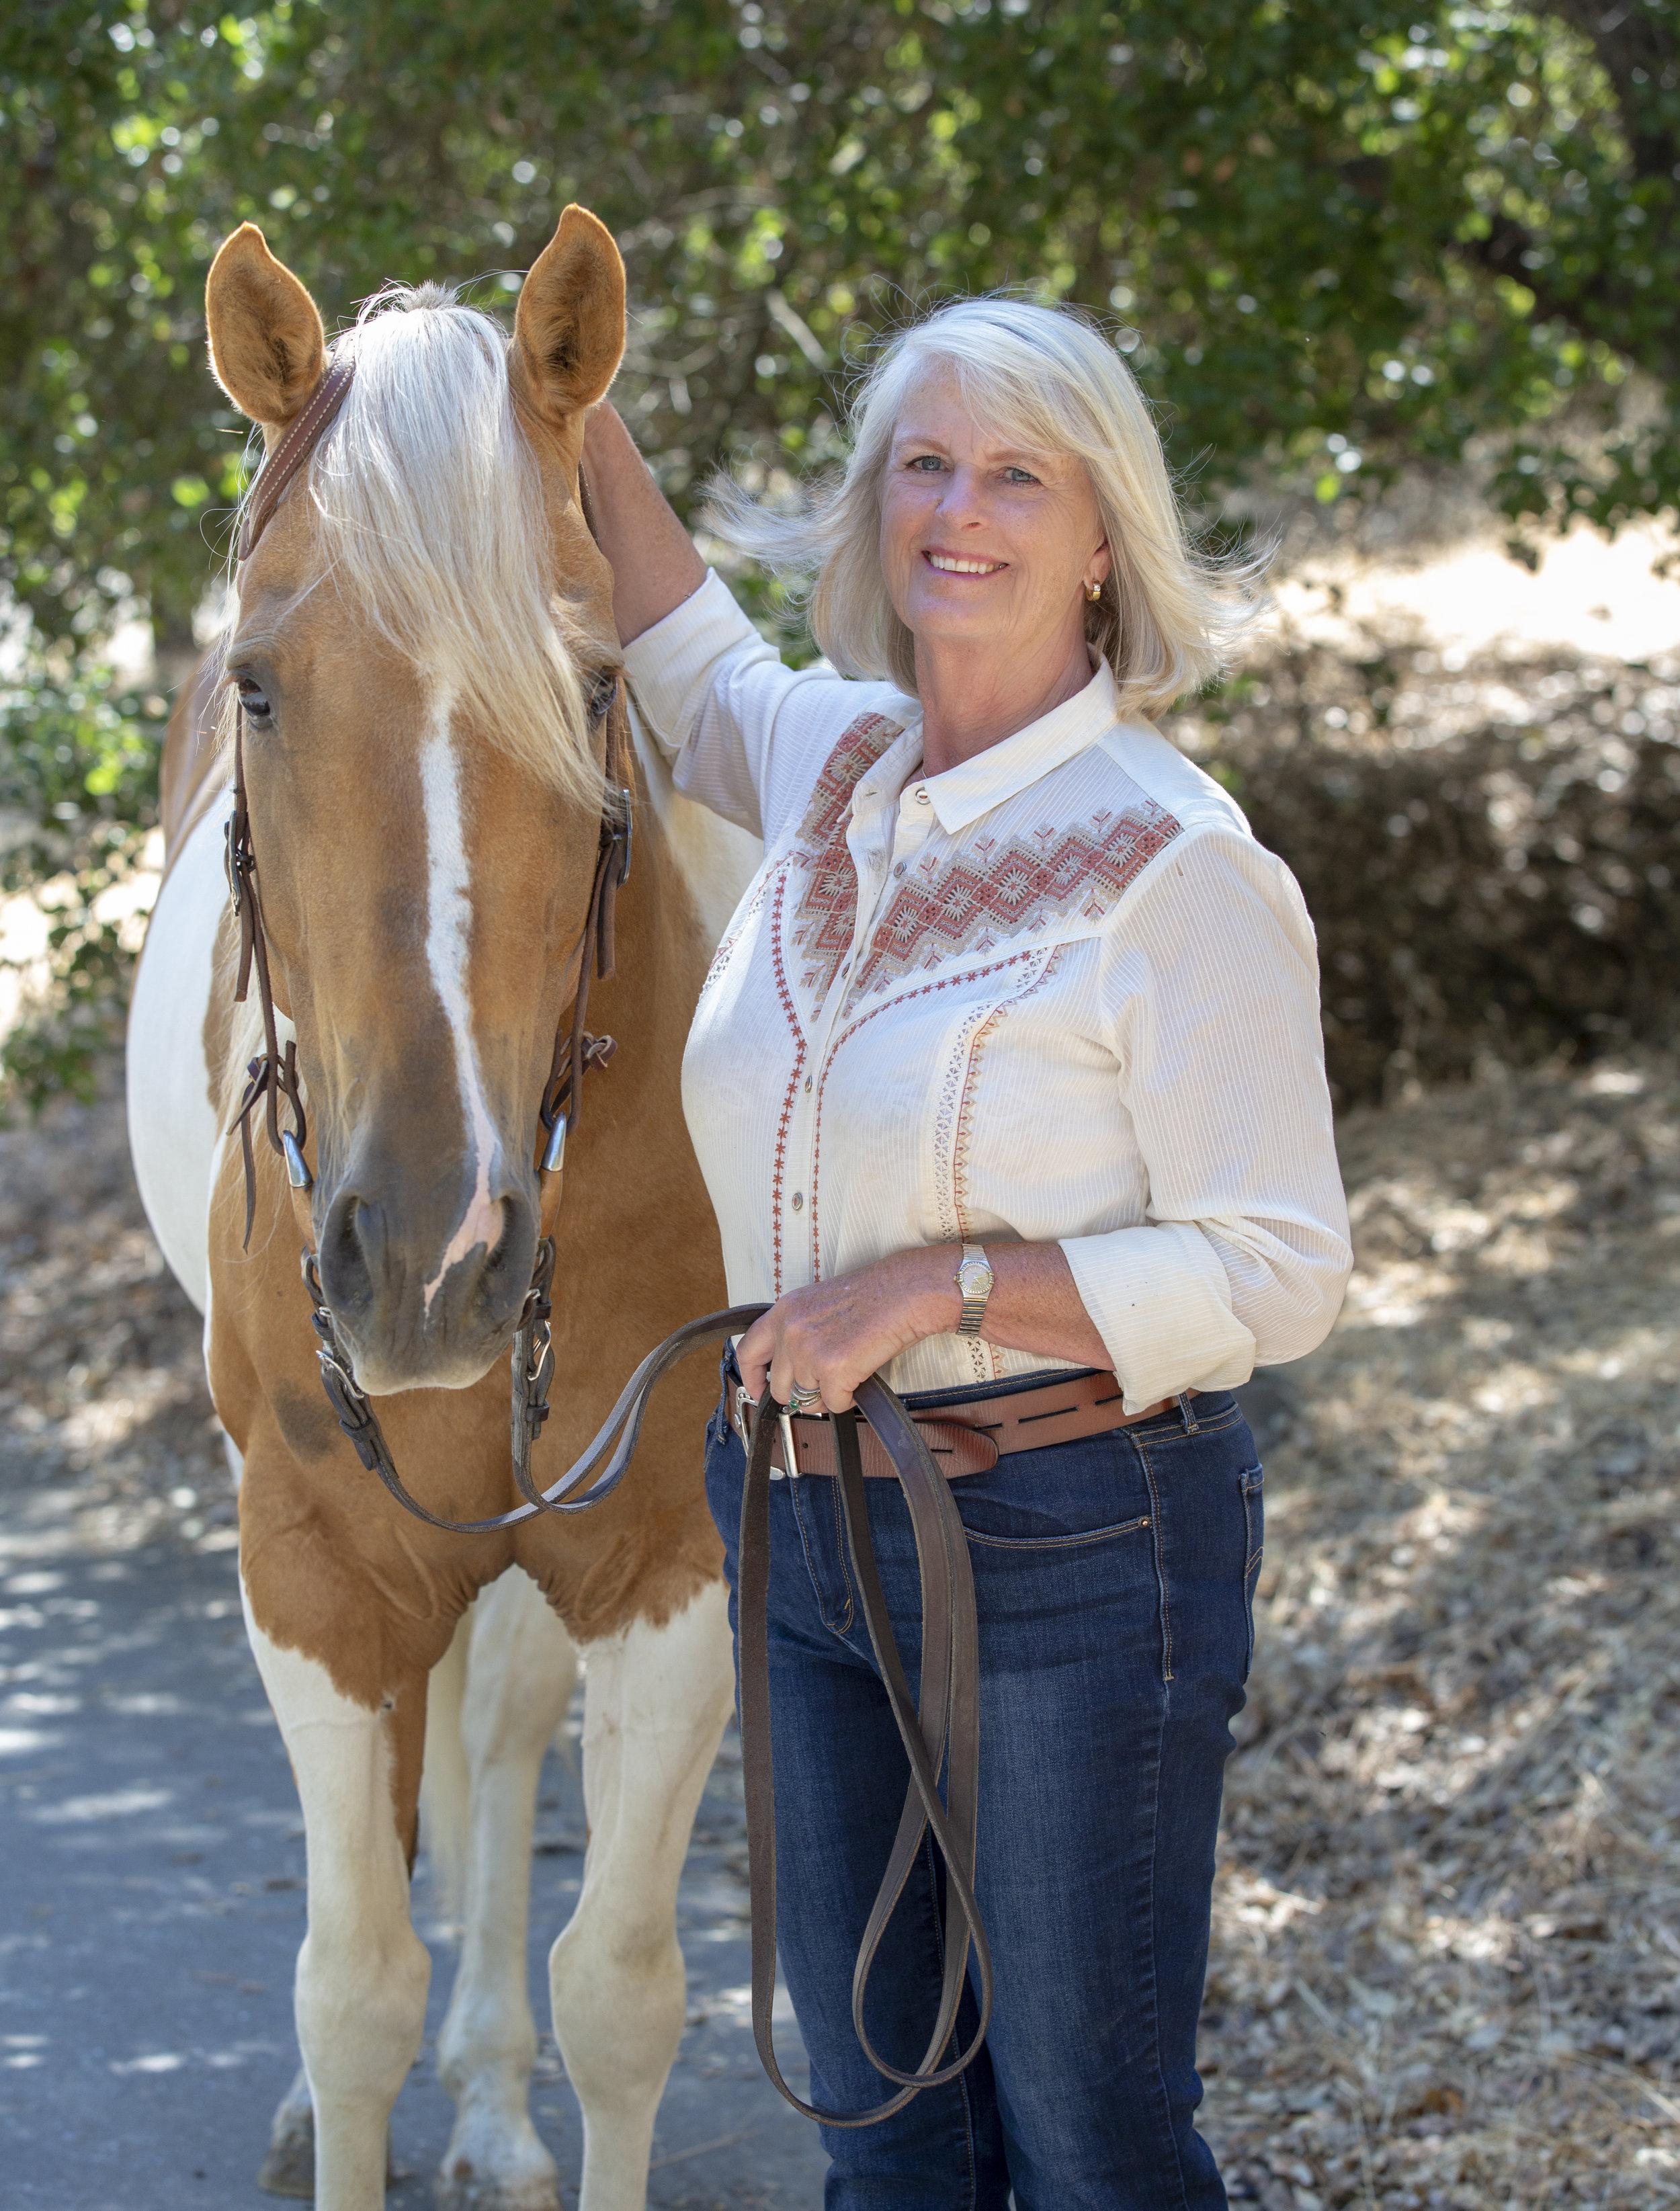 Missy Goldwyn Photography - Annette's Testimonial